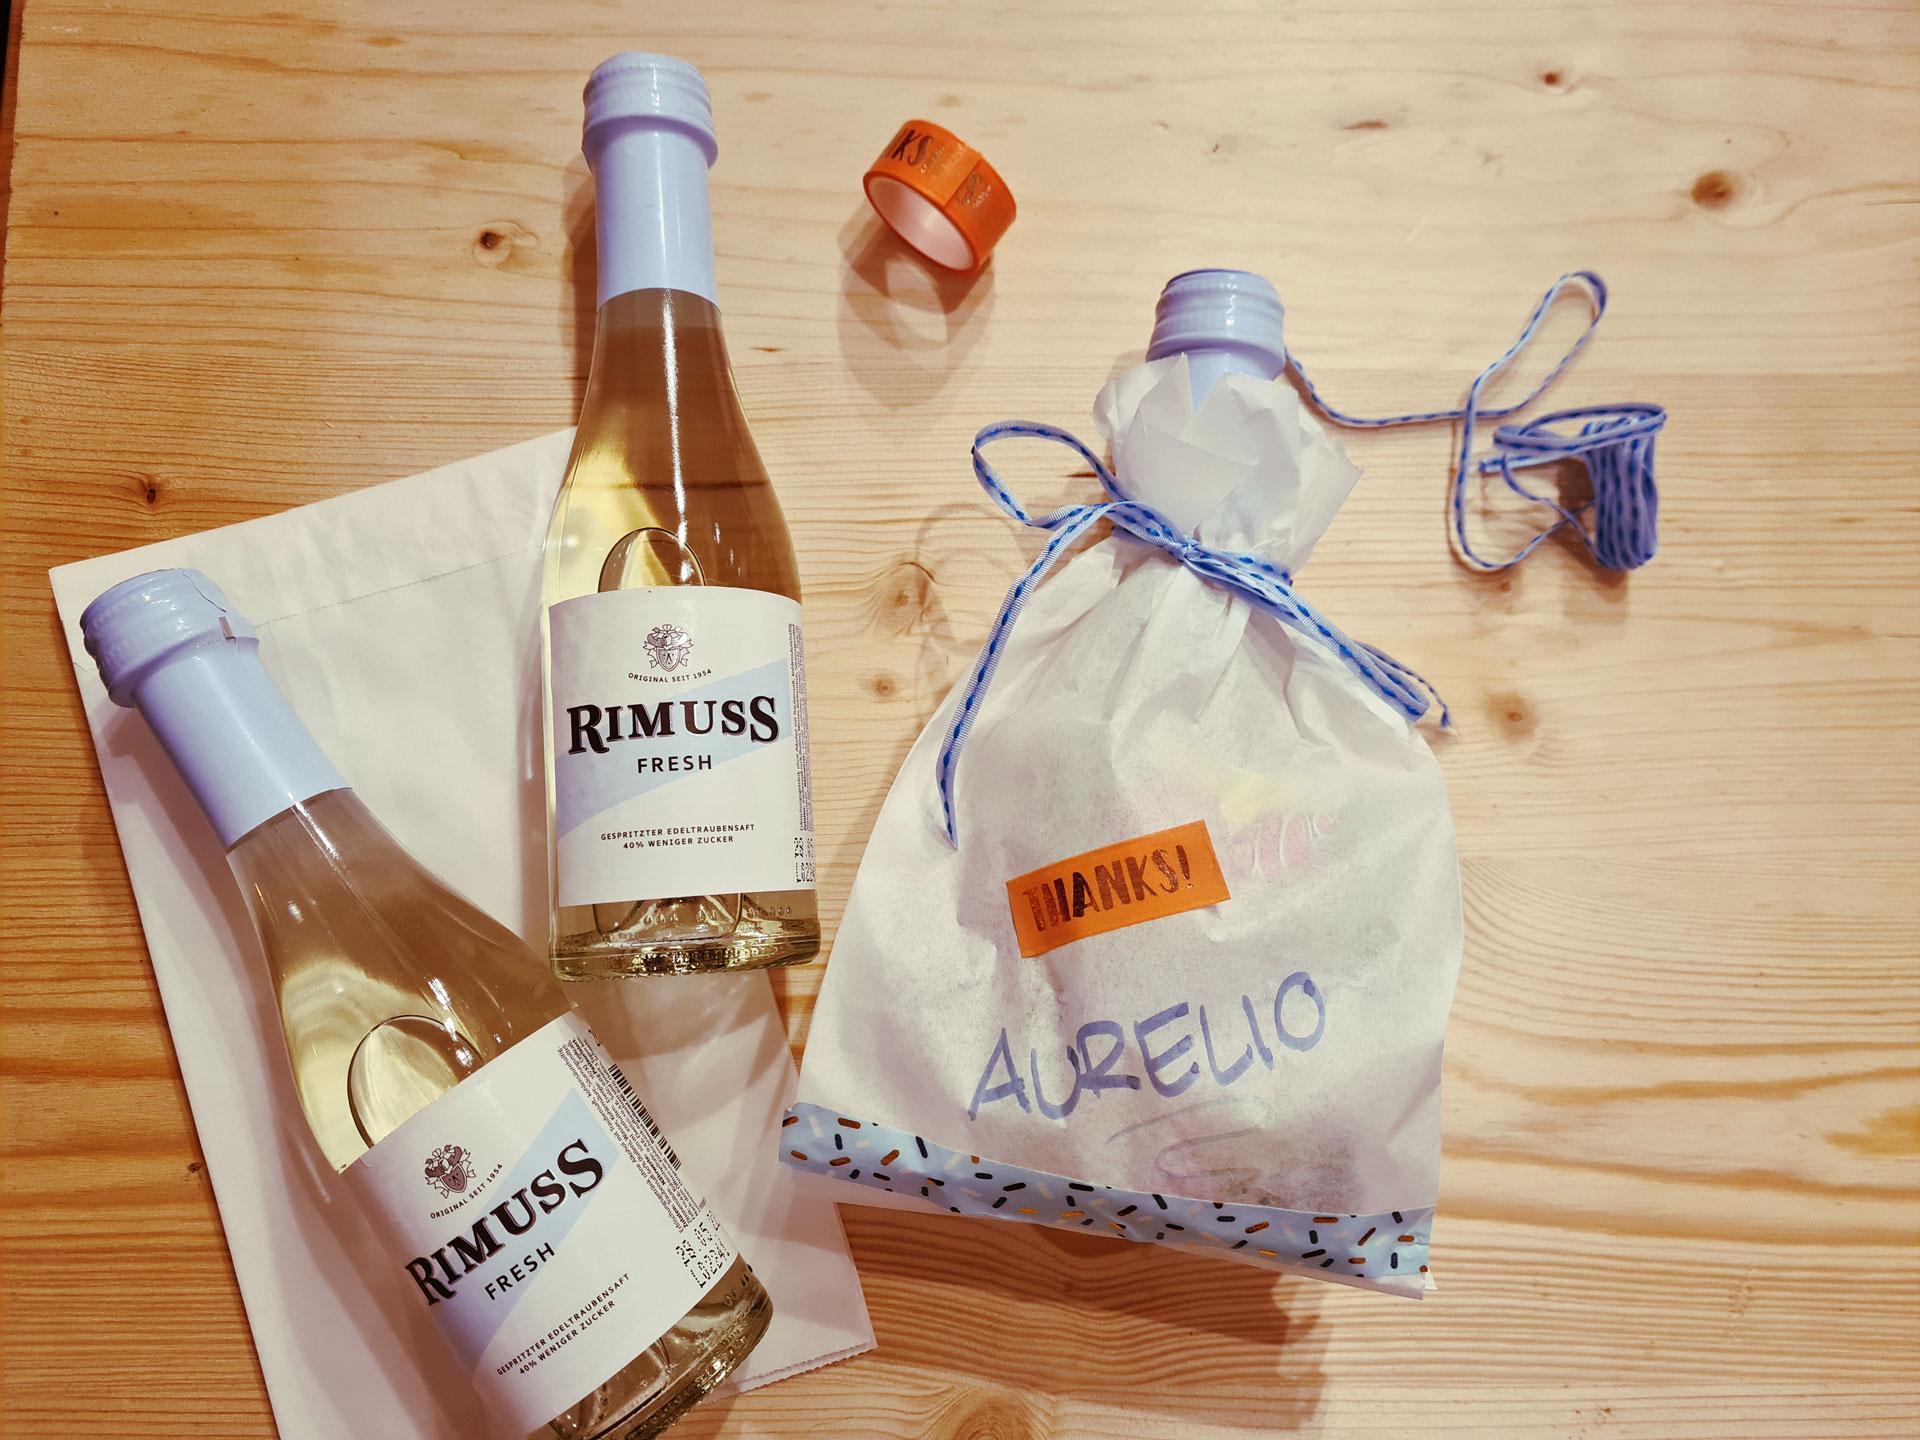 Ein tolles Give-Away für den Kindergeburtstag mit Rimuss Fresh 20cl zum selber basteln